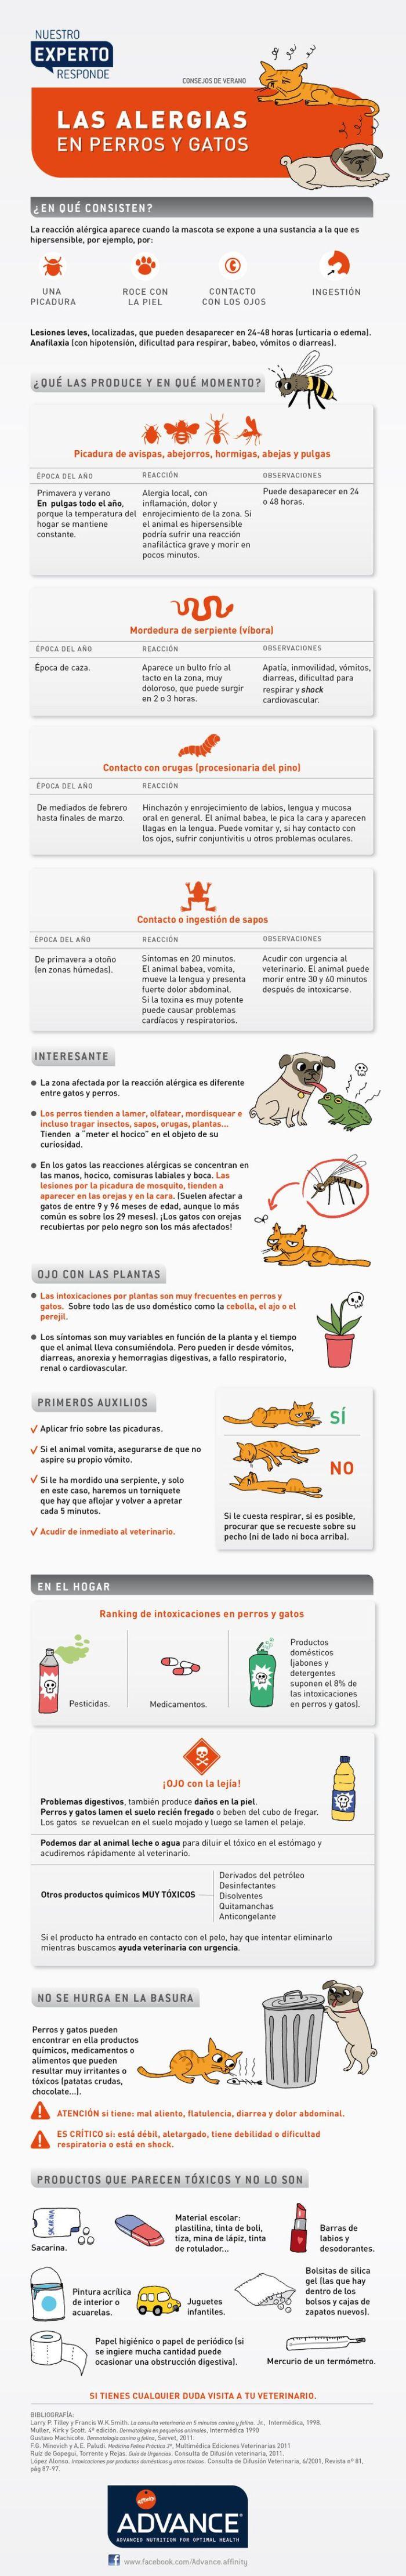 Las alergias en perros y gatos